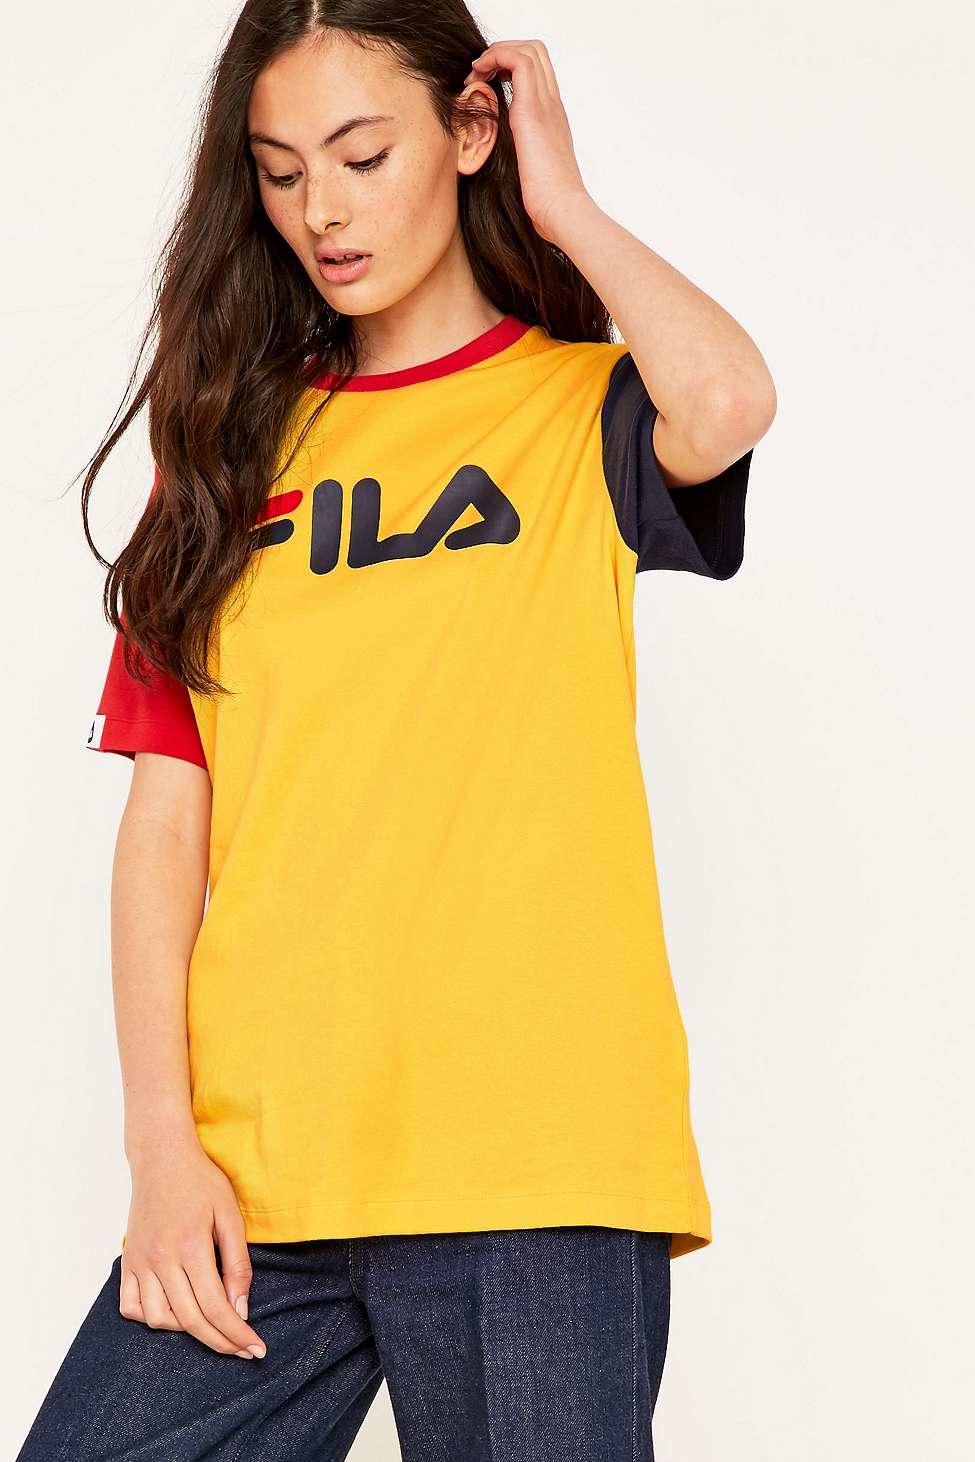 Fila Massa Boyfriend Yellow T-shirt in Blue - Lyst 39d4e3b6d94b